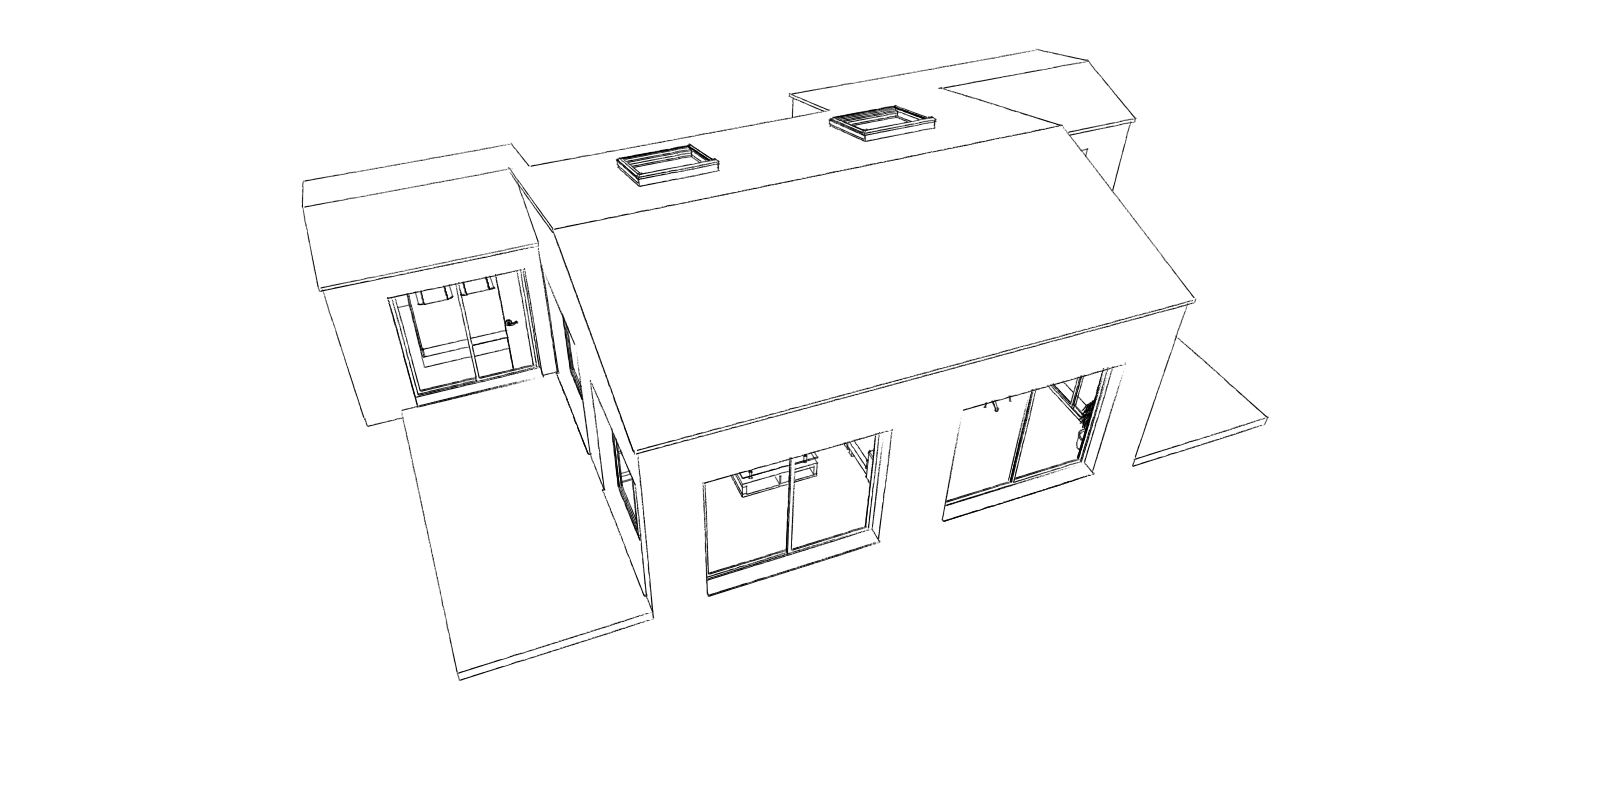 15.05 Construction maison permis de construire Saint Tropez1